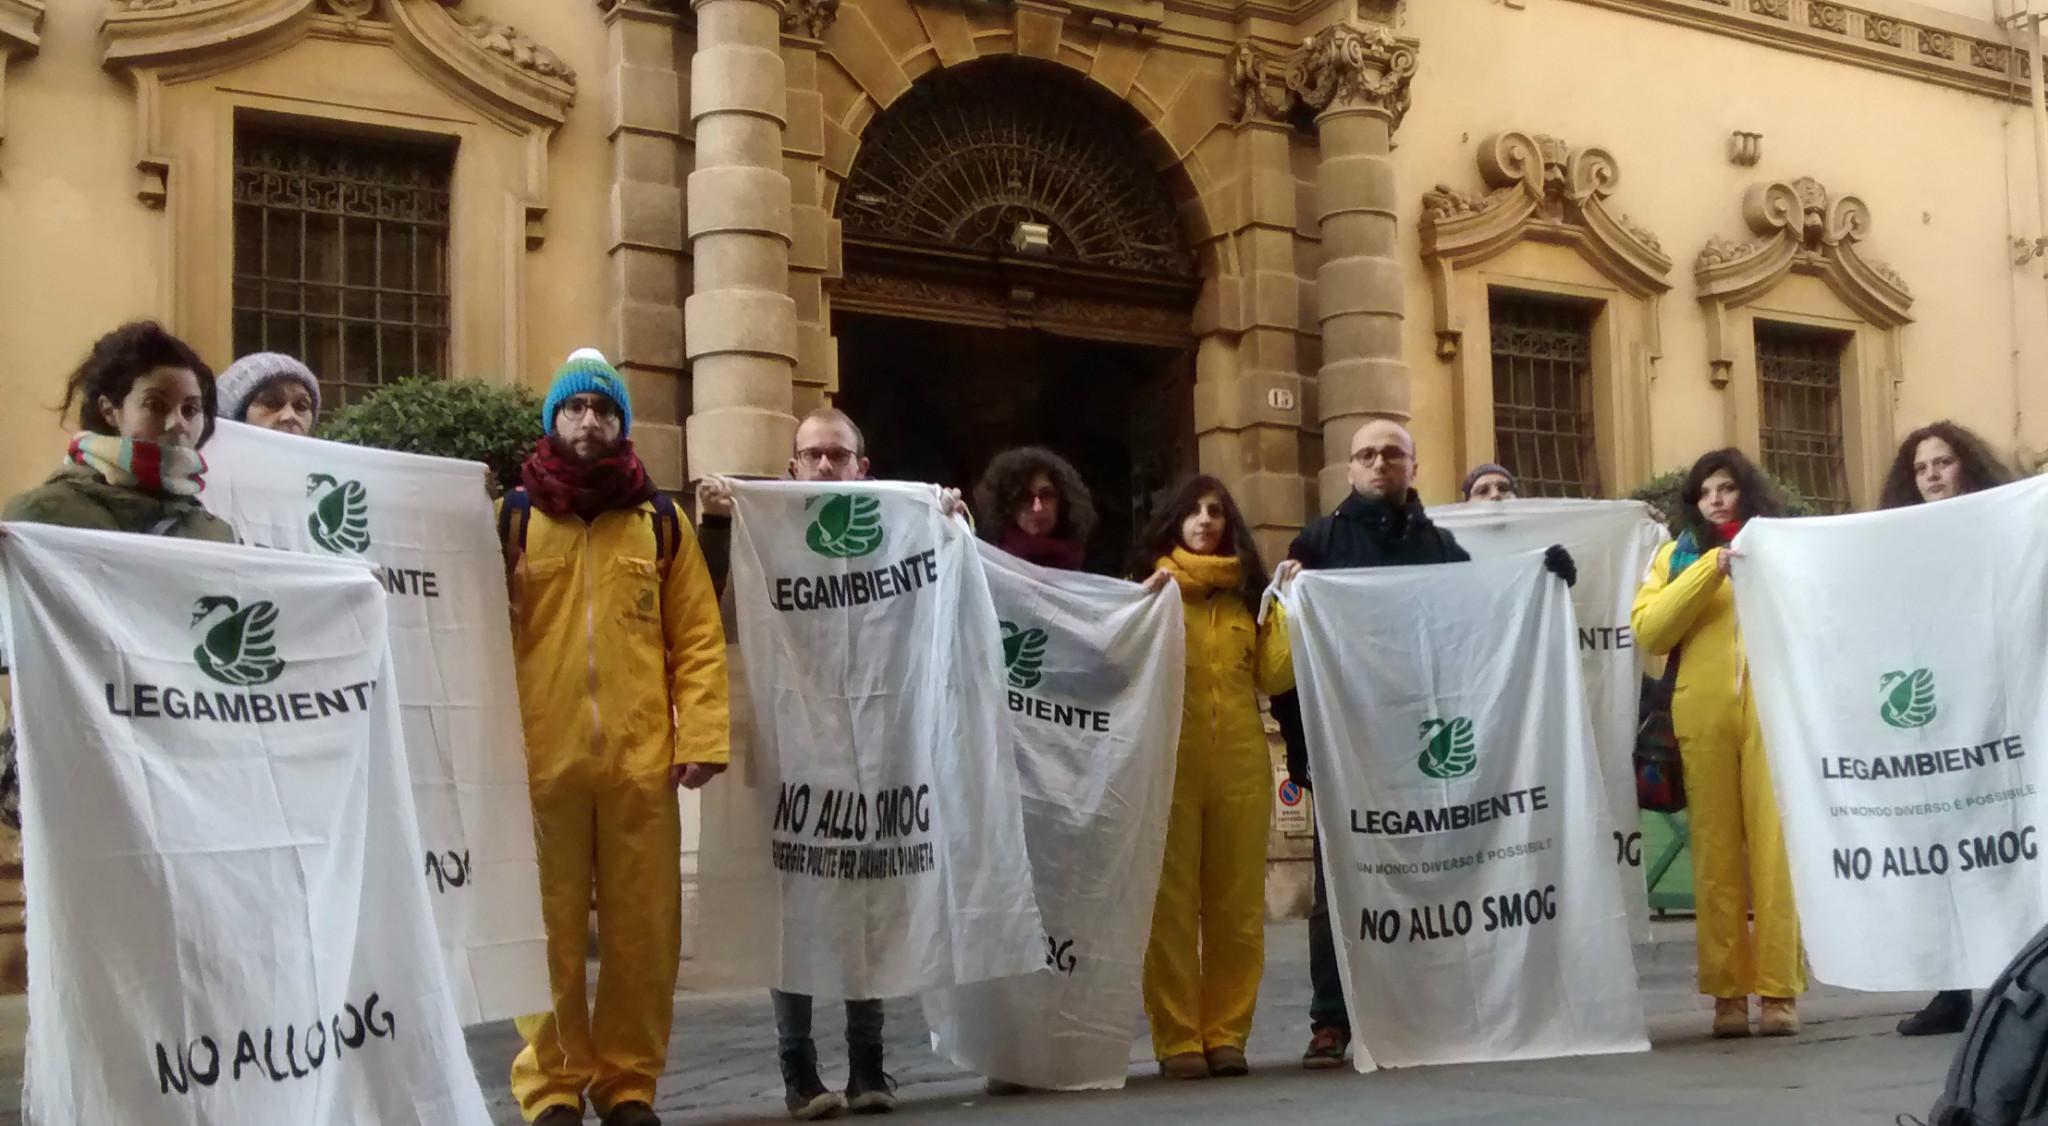 """Camera a gas Piemonte. Legambiente a Regione e Comuni: """"Servono nuove ed efficaci misure antismog"""""""